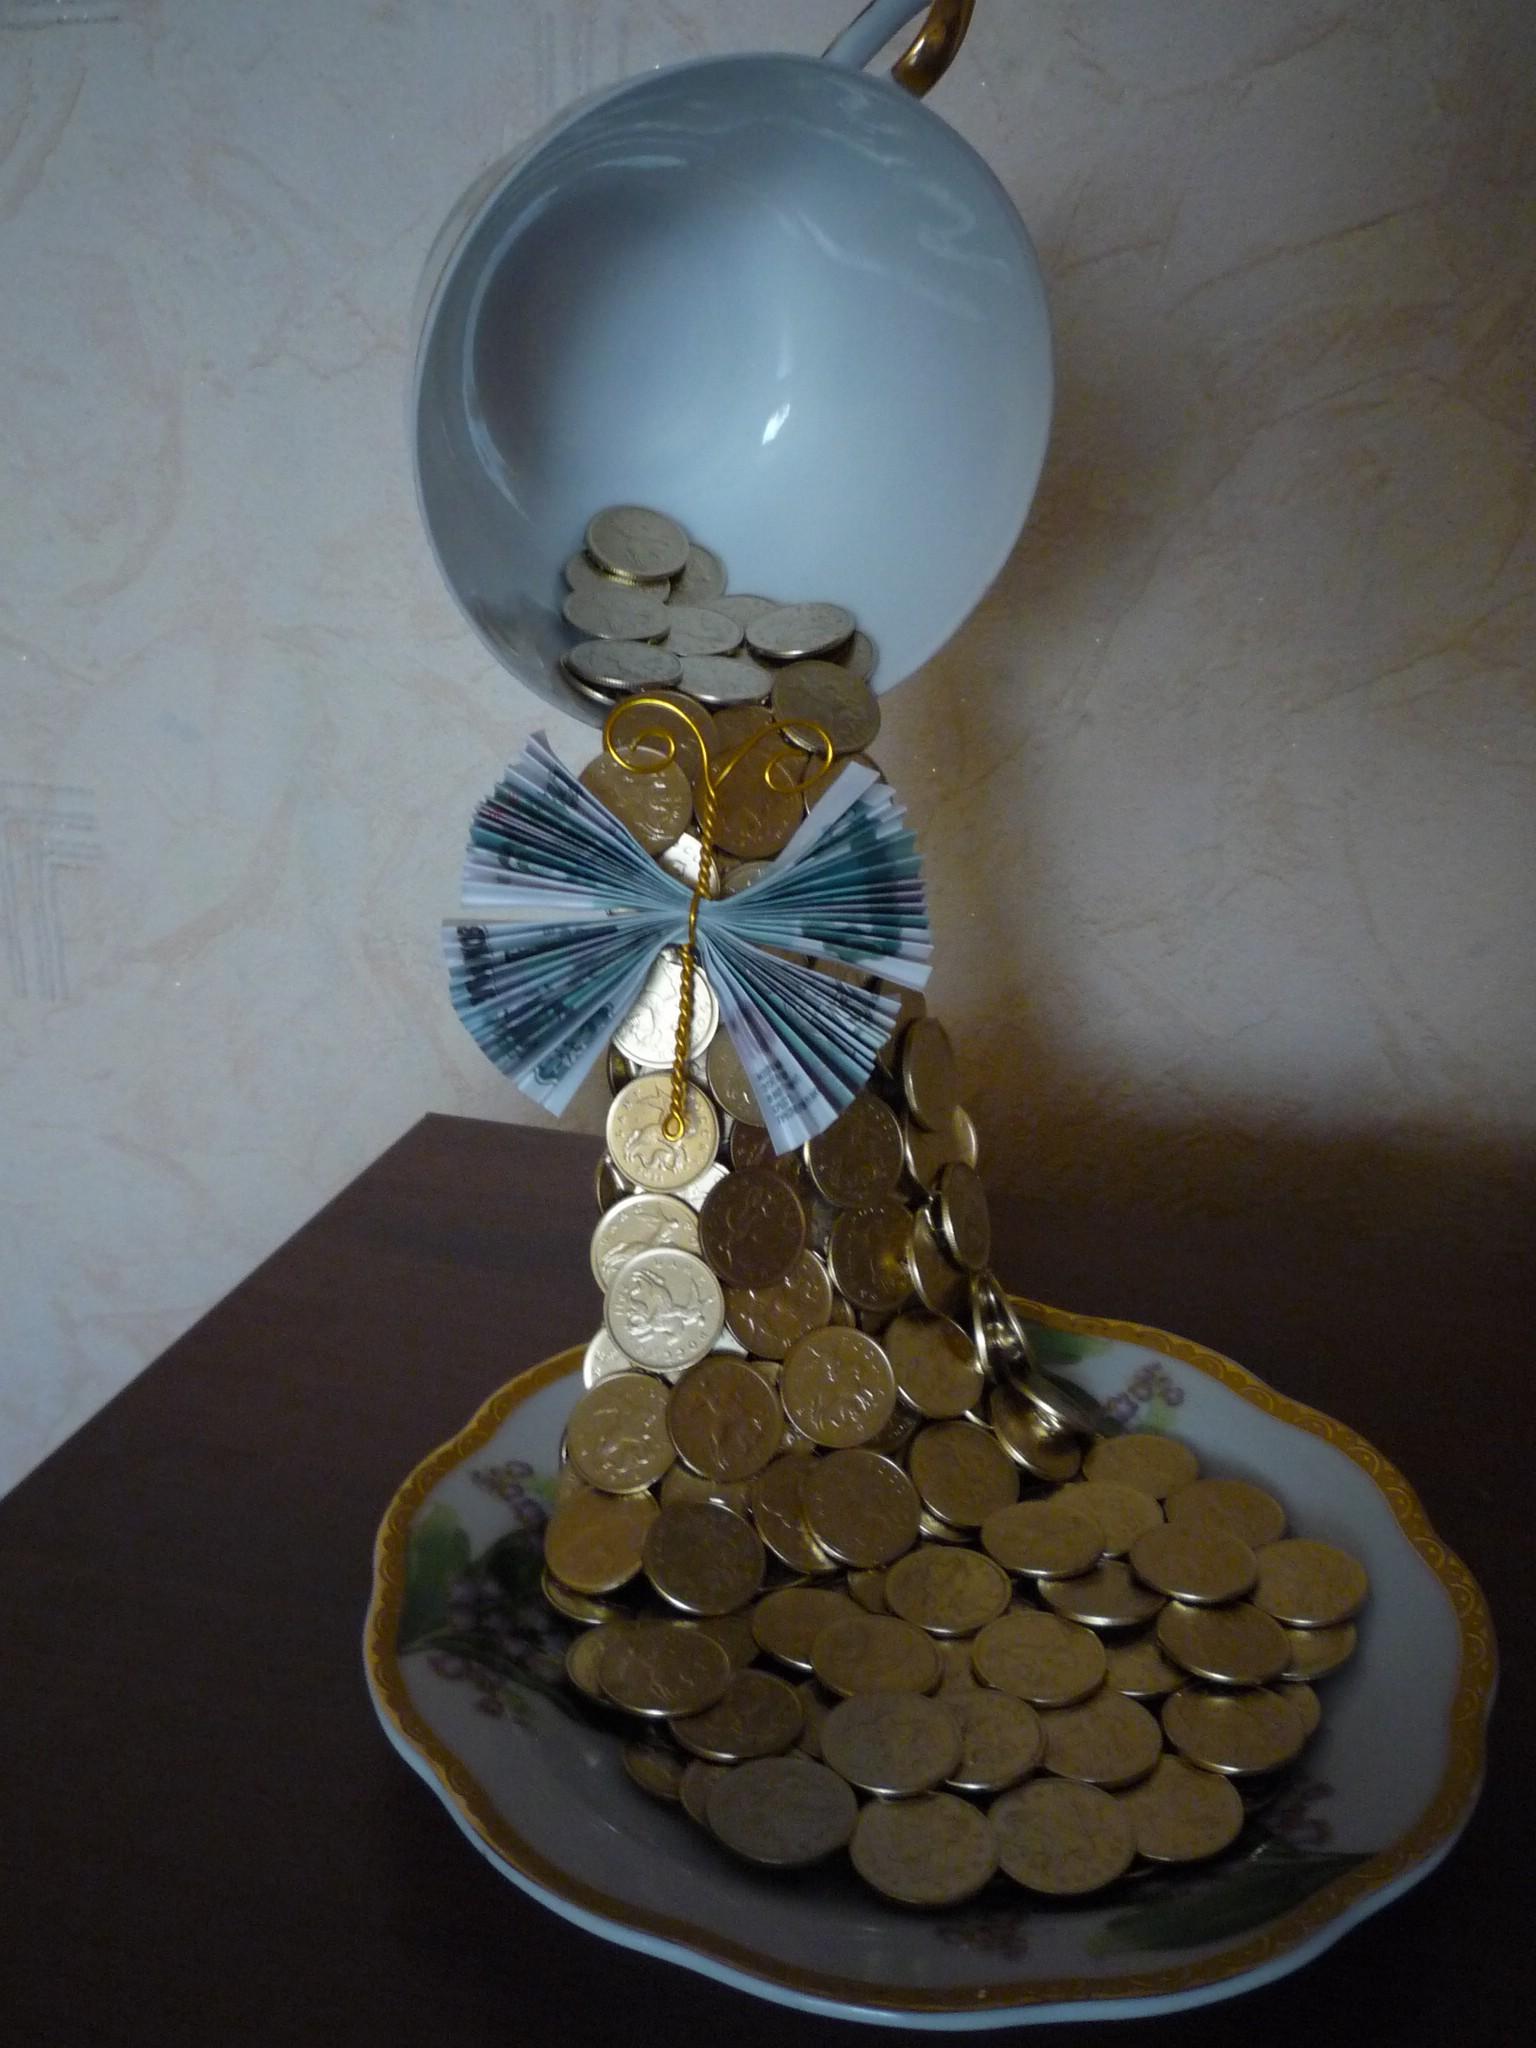 Топиарий с кружкой и монетами - Антиквариат: купить антиквариат - старинные вещи в разделе